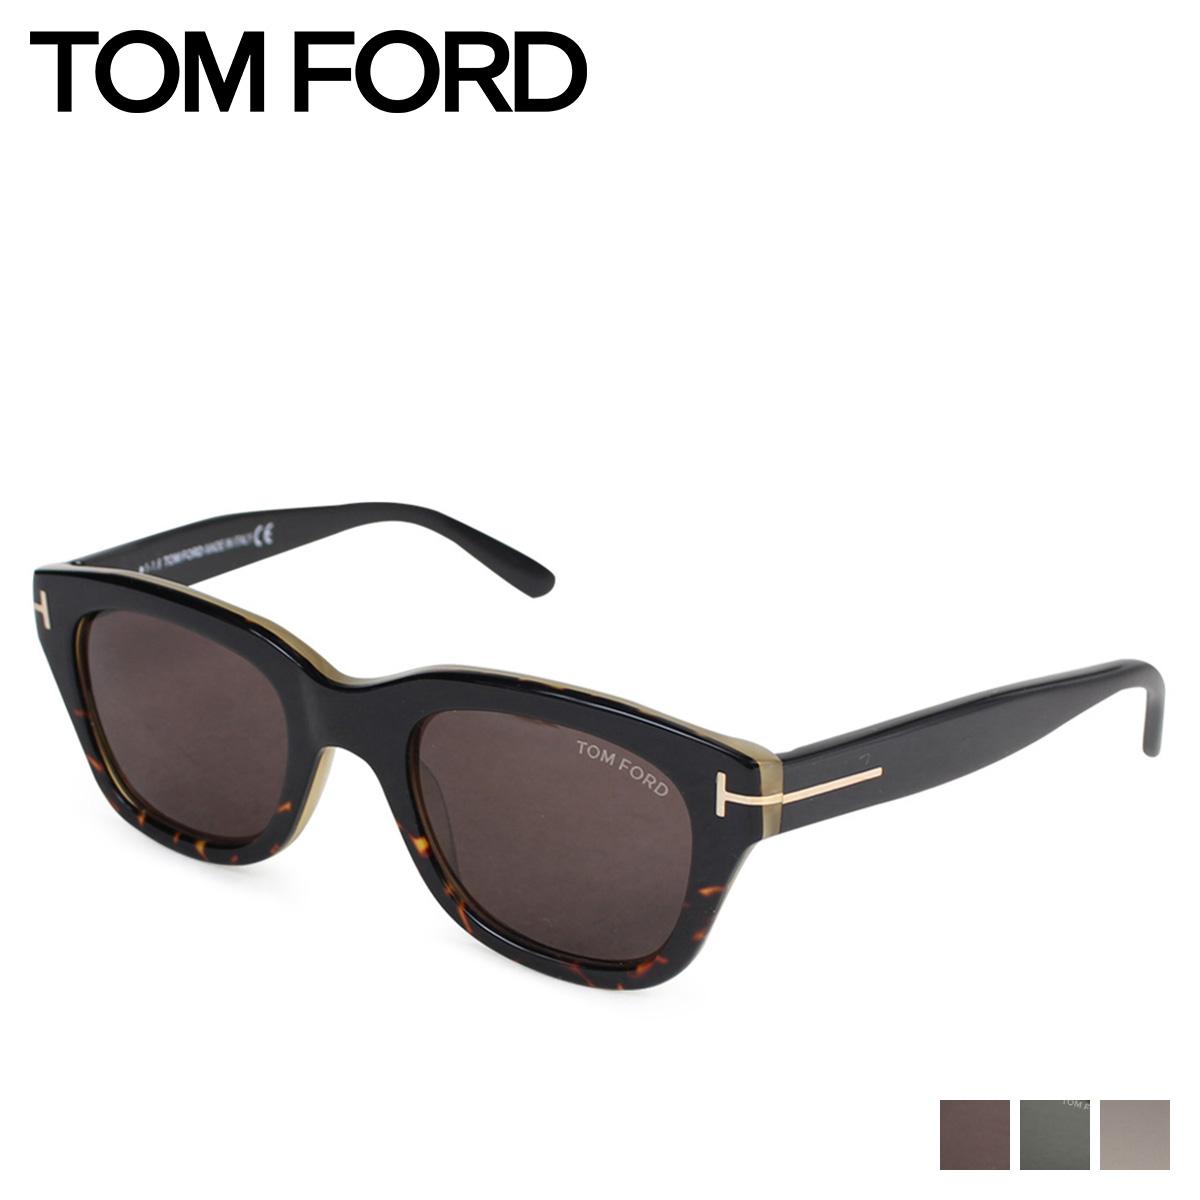 TOM FORD トムフォード サングラス メンズ レディース UVカット アジアンフィット ウェリントン アイウェア SNOWDON ブラック ブラウン 黒 FT0237